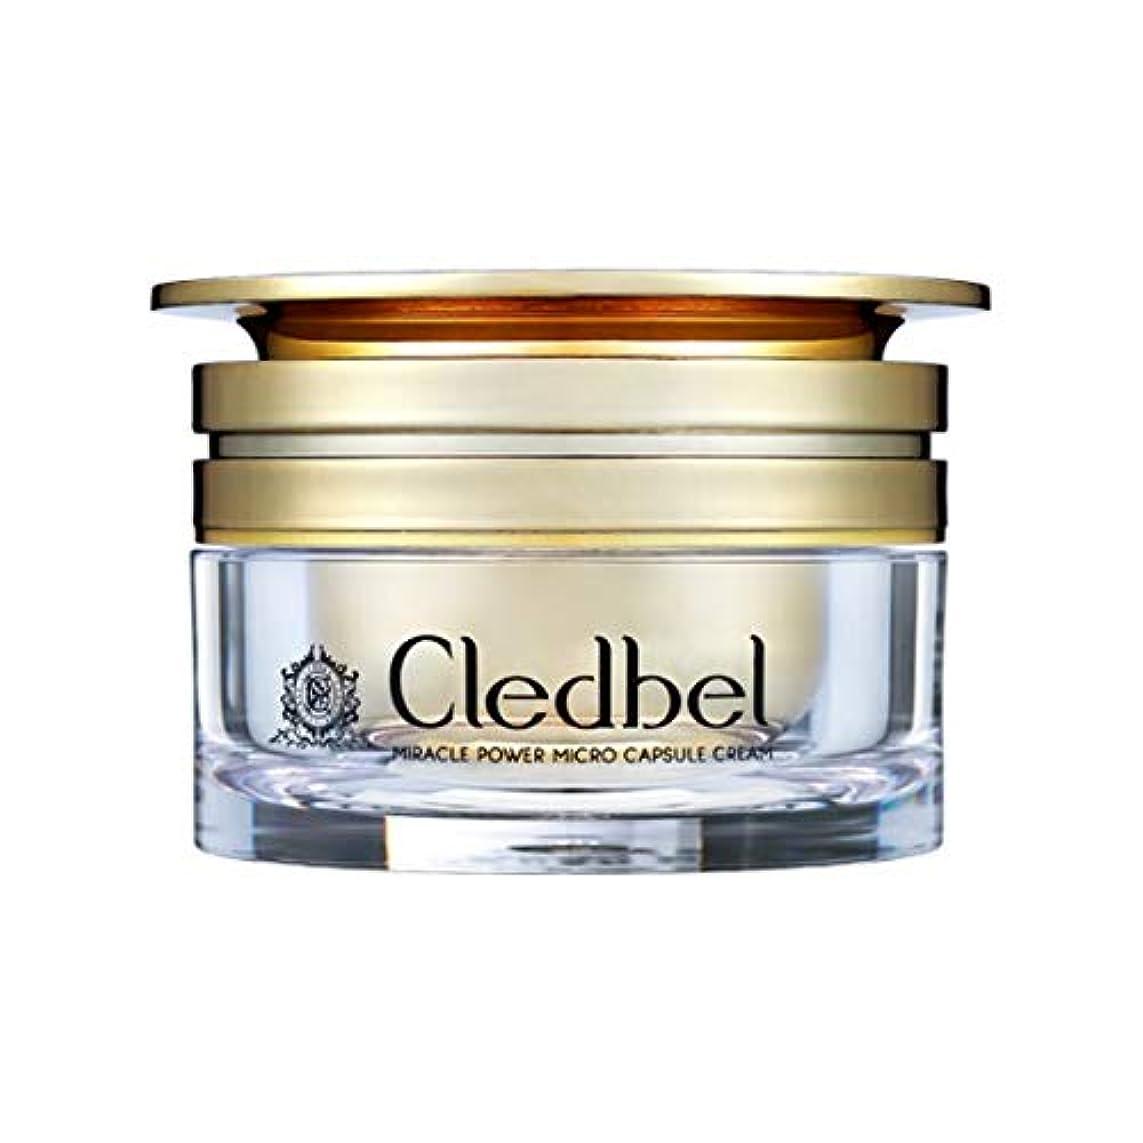 モック登る硬化する[cledbel] Miracle Power Micro Capsule Cream 50ml / ミラクルパワーマイクロカプセルクリーム 50ml [並行輸入品]